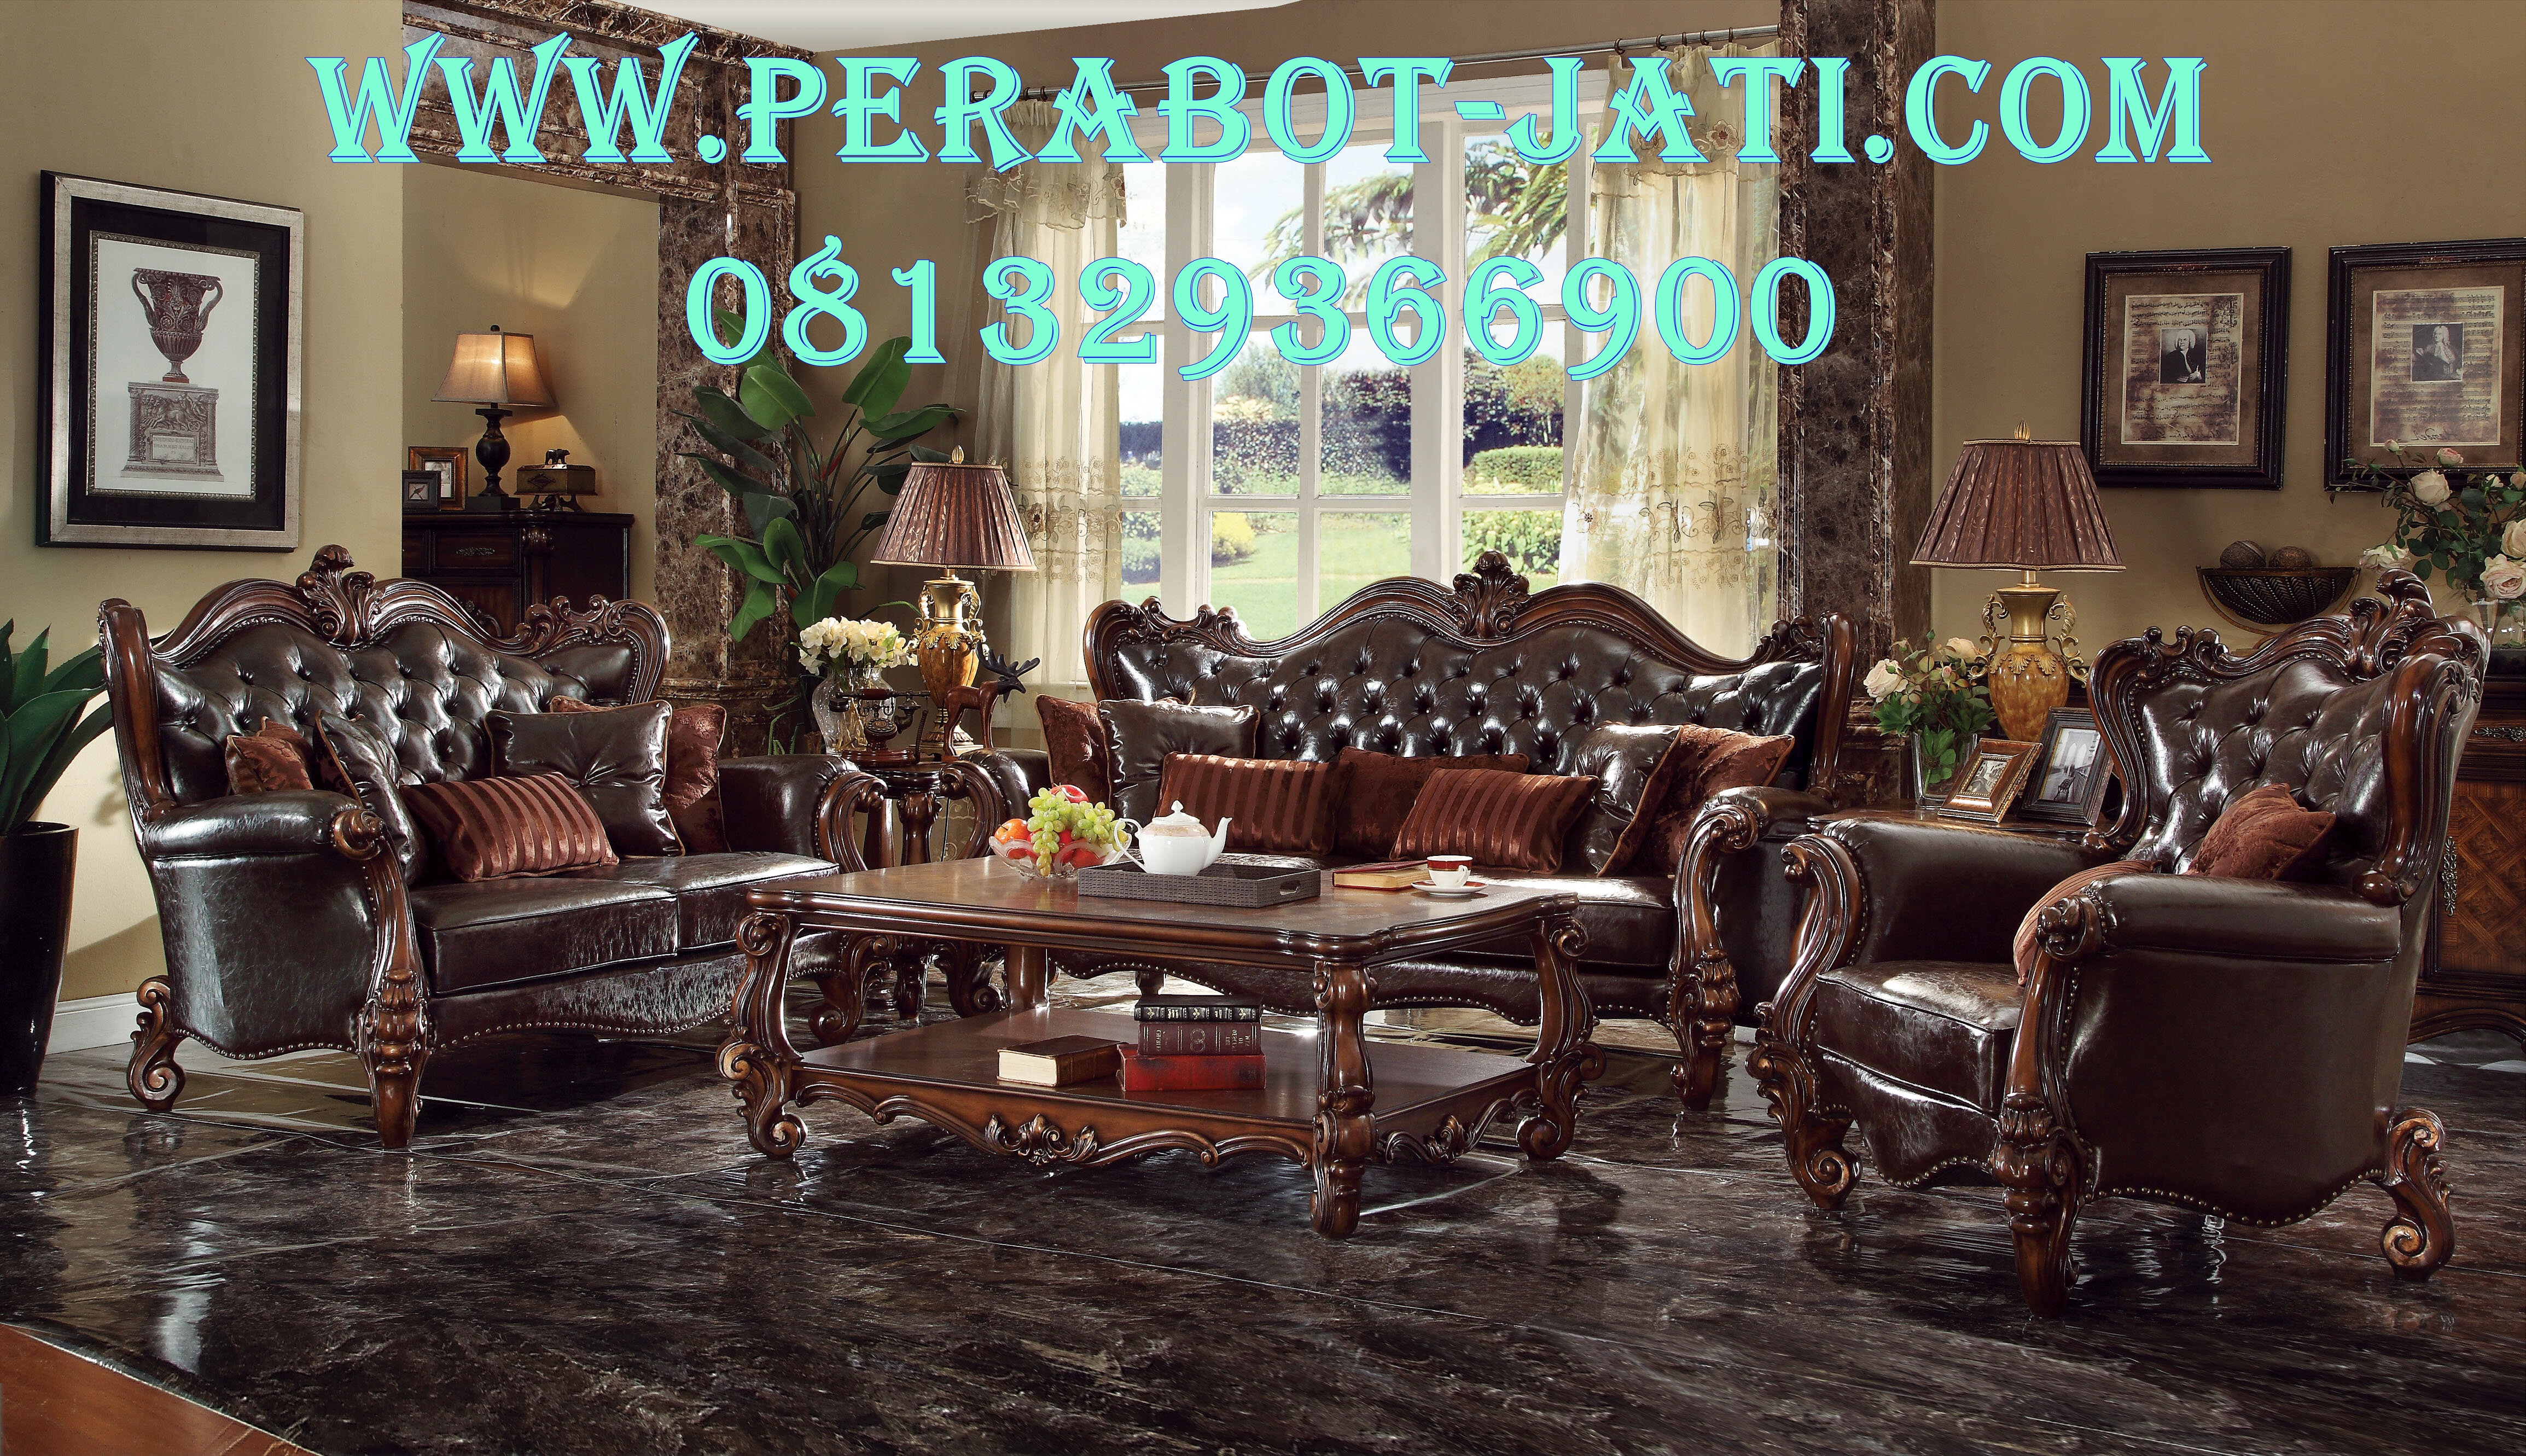 Desain Kursi Sofa Mewah Jati Ruang Tamu Istana Presiden